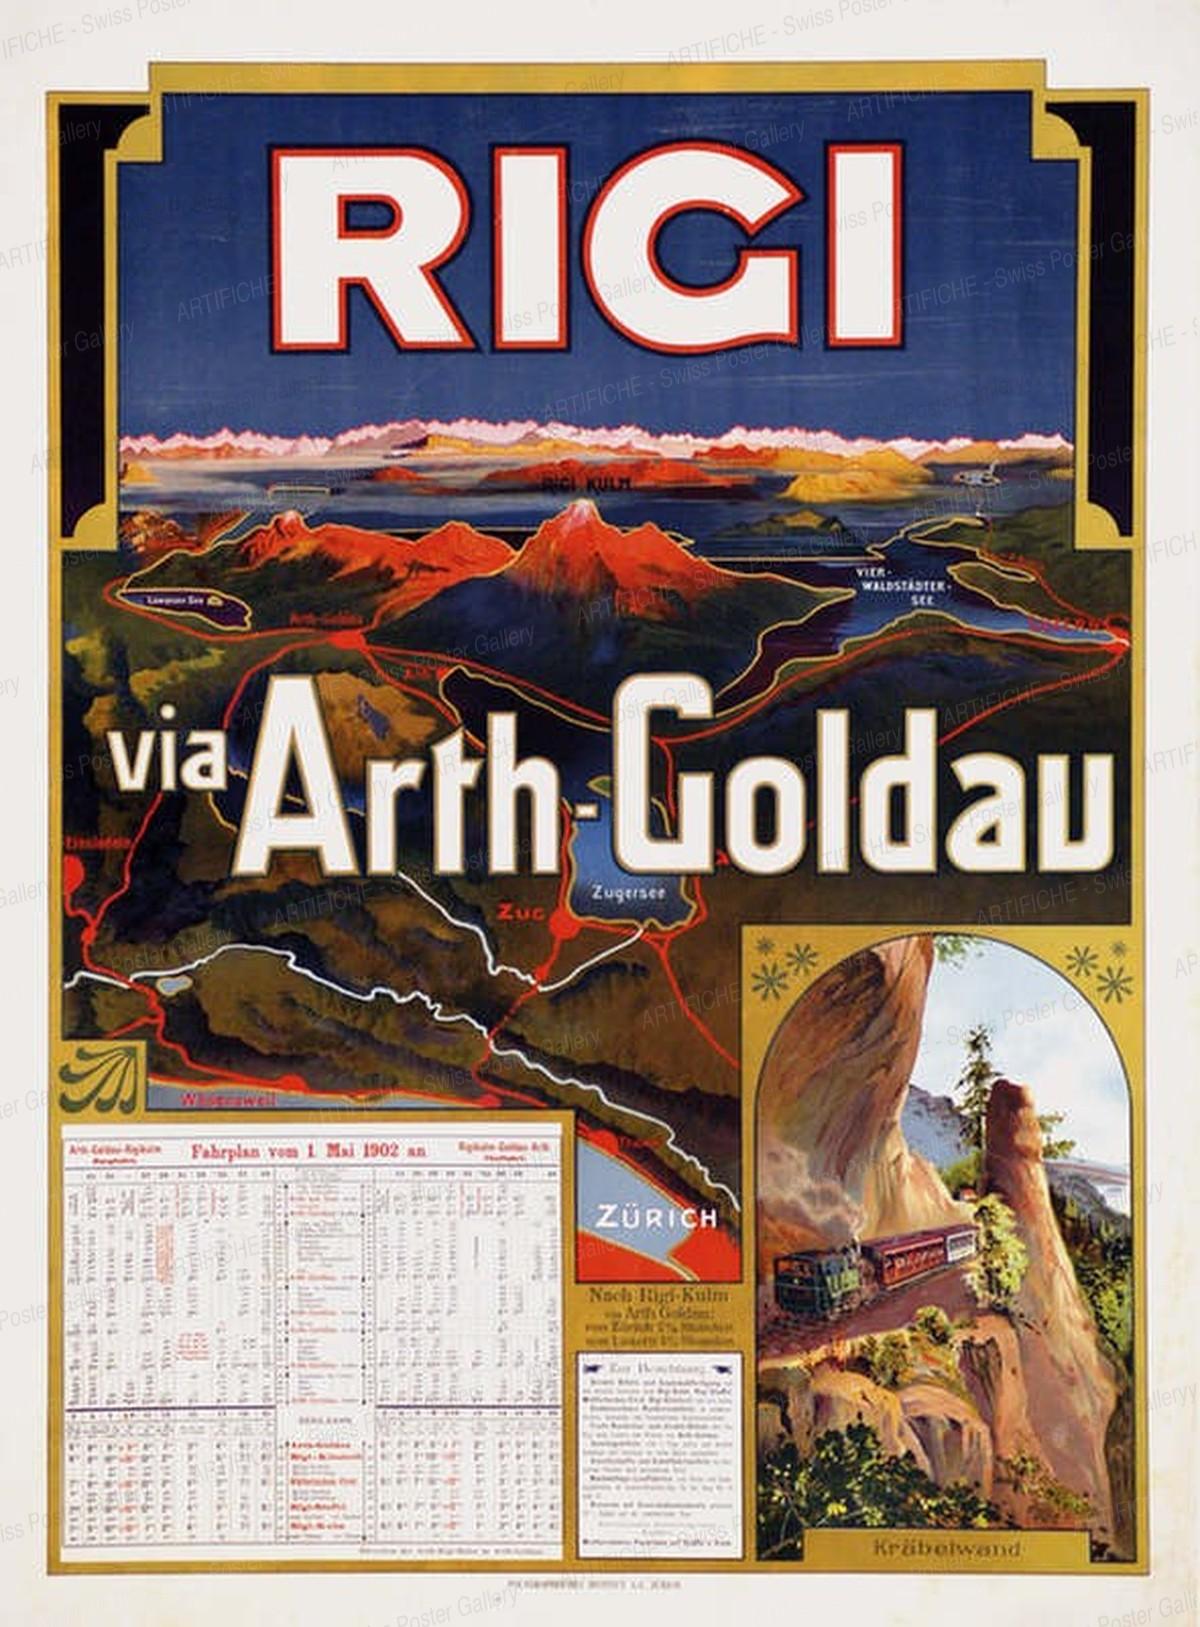 RIGI VIA ARTH GOLDAU 1874 – 1908, Artist unknown